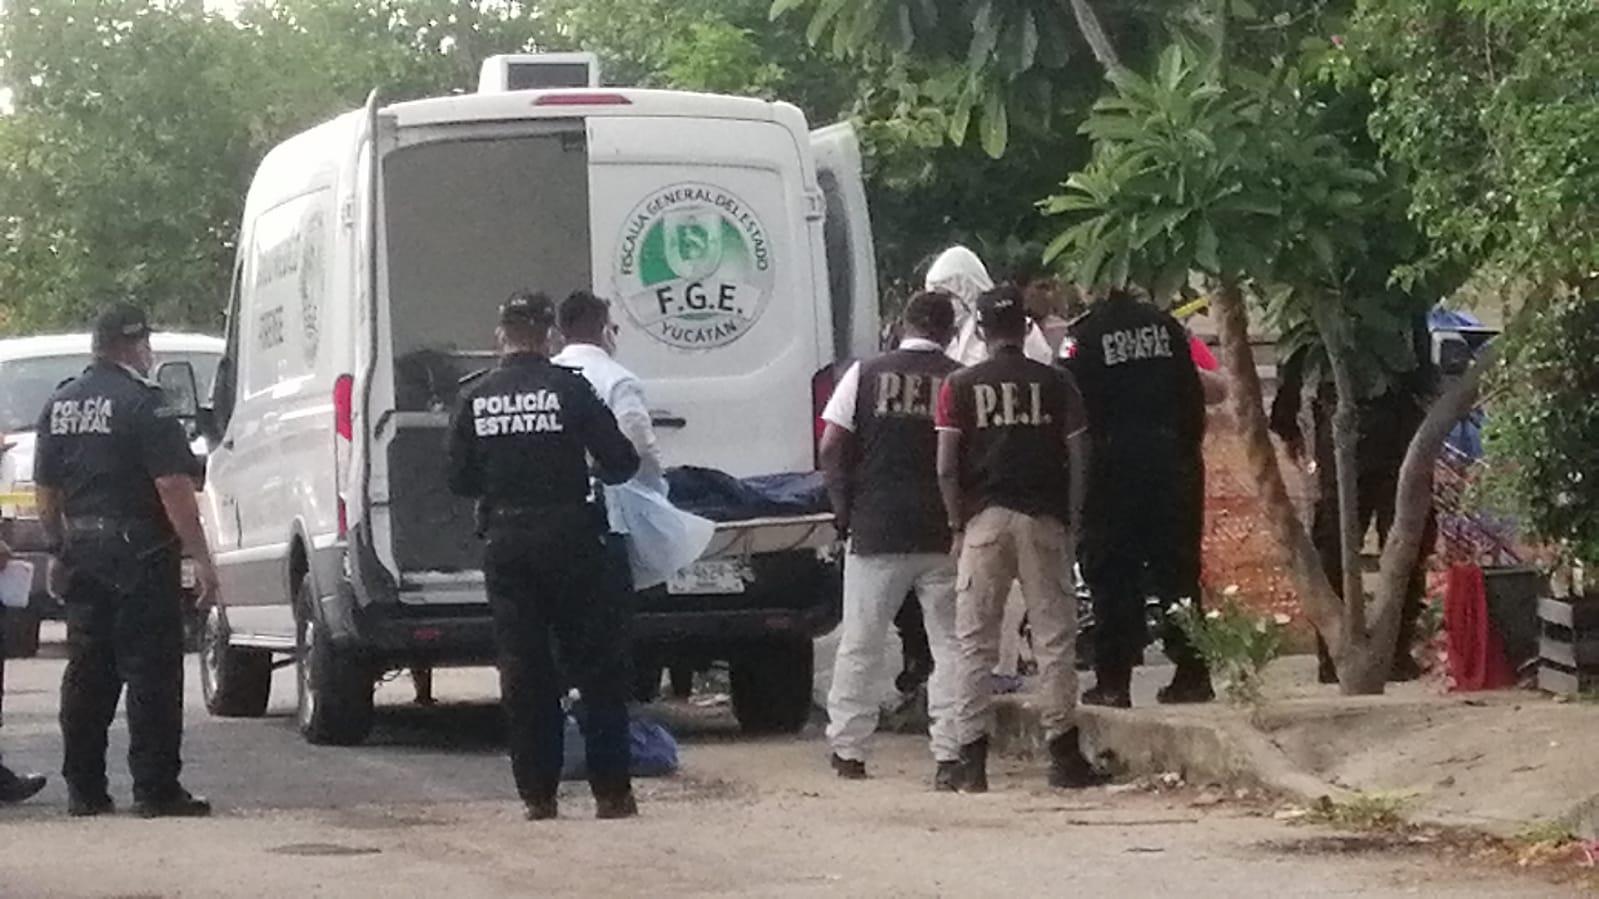 Policía se quita la vida en el Roble Agrícola